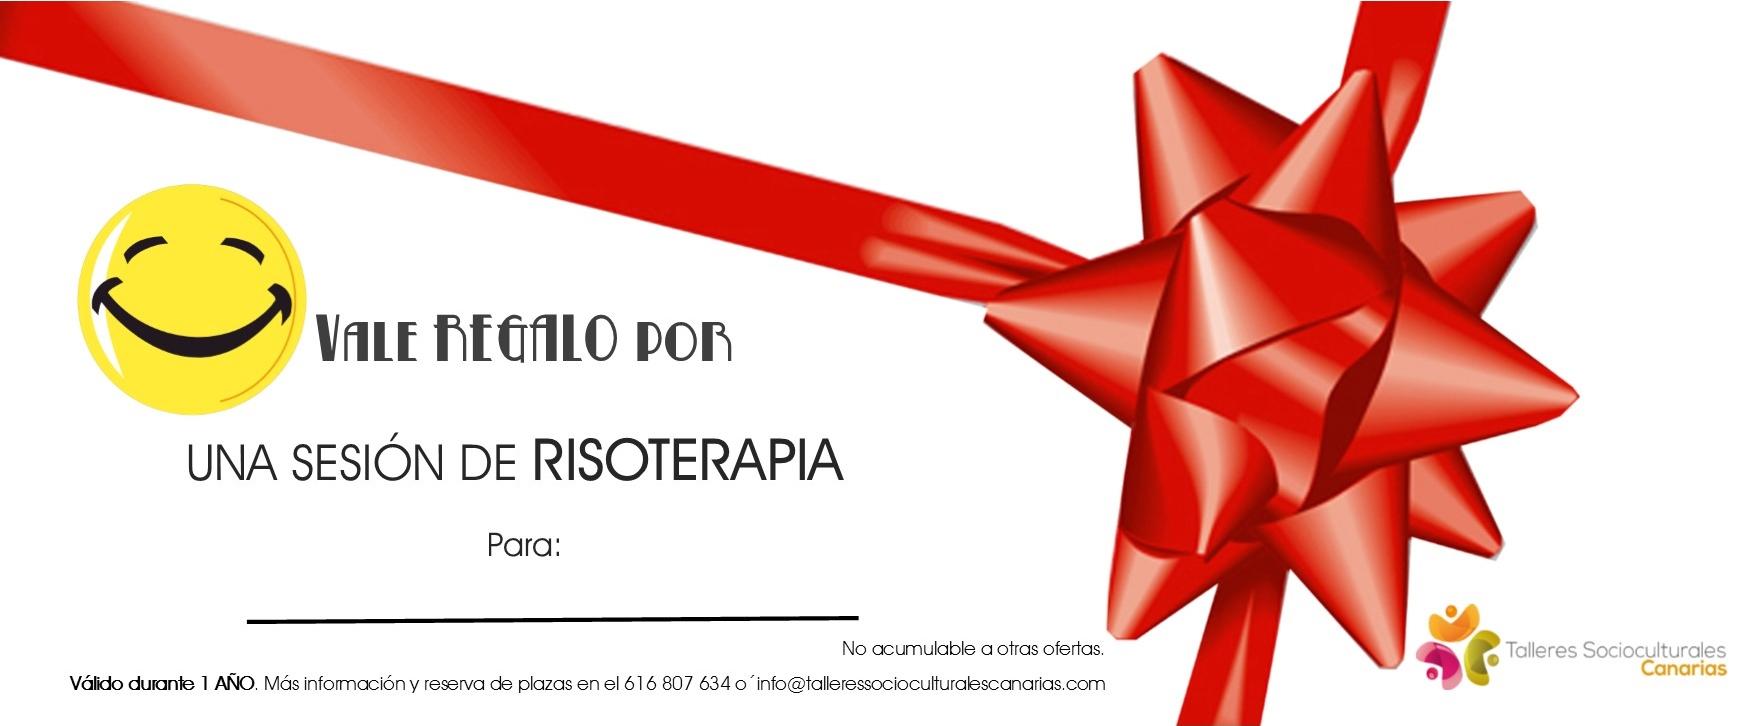 Regala risoterapia, regala felicidad en Las Palmas